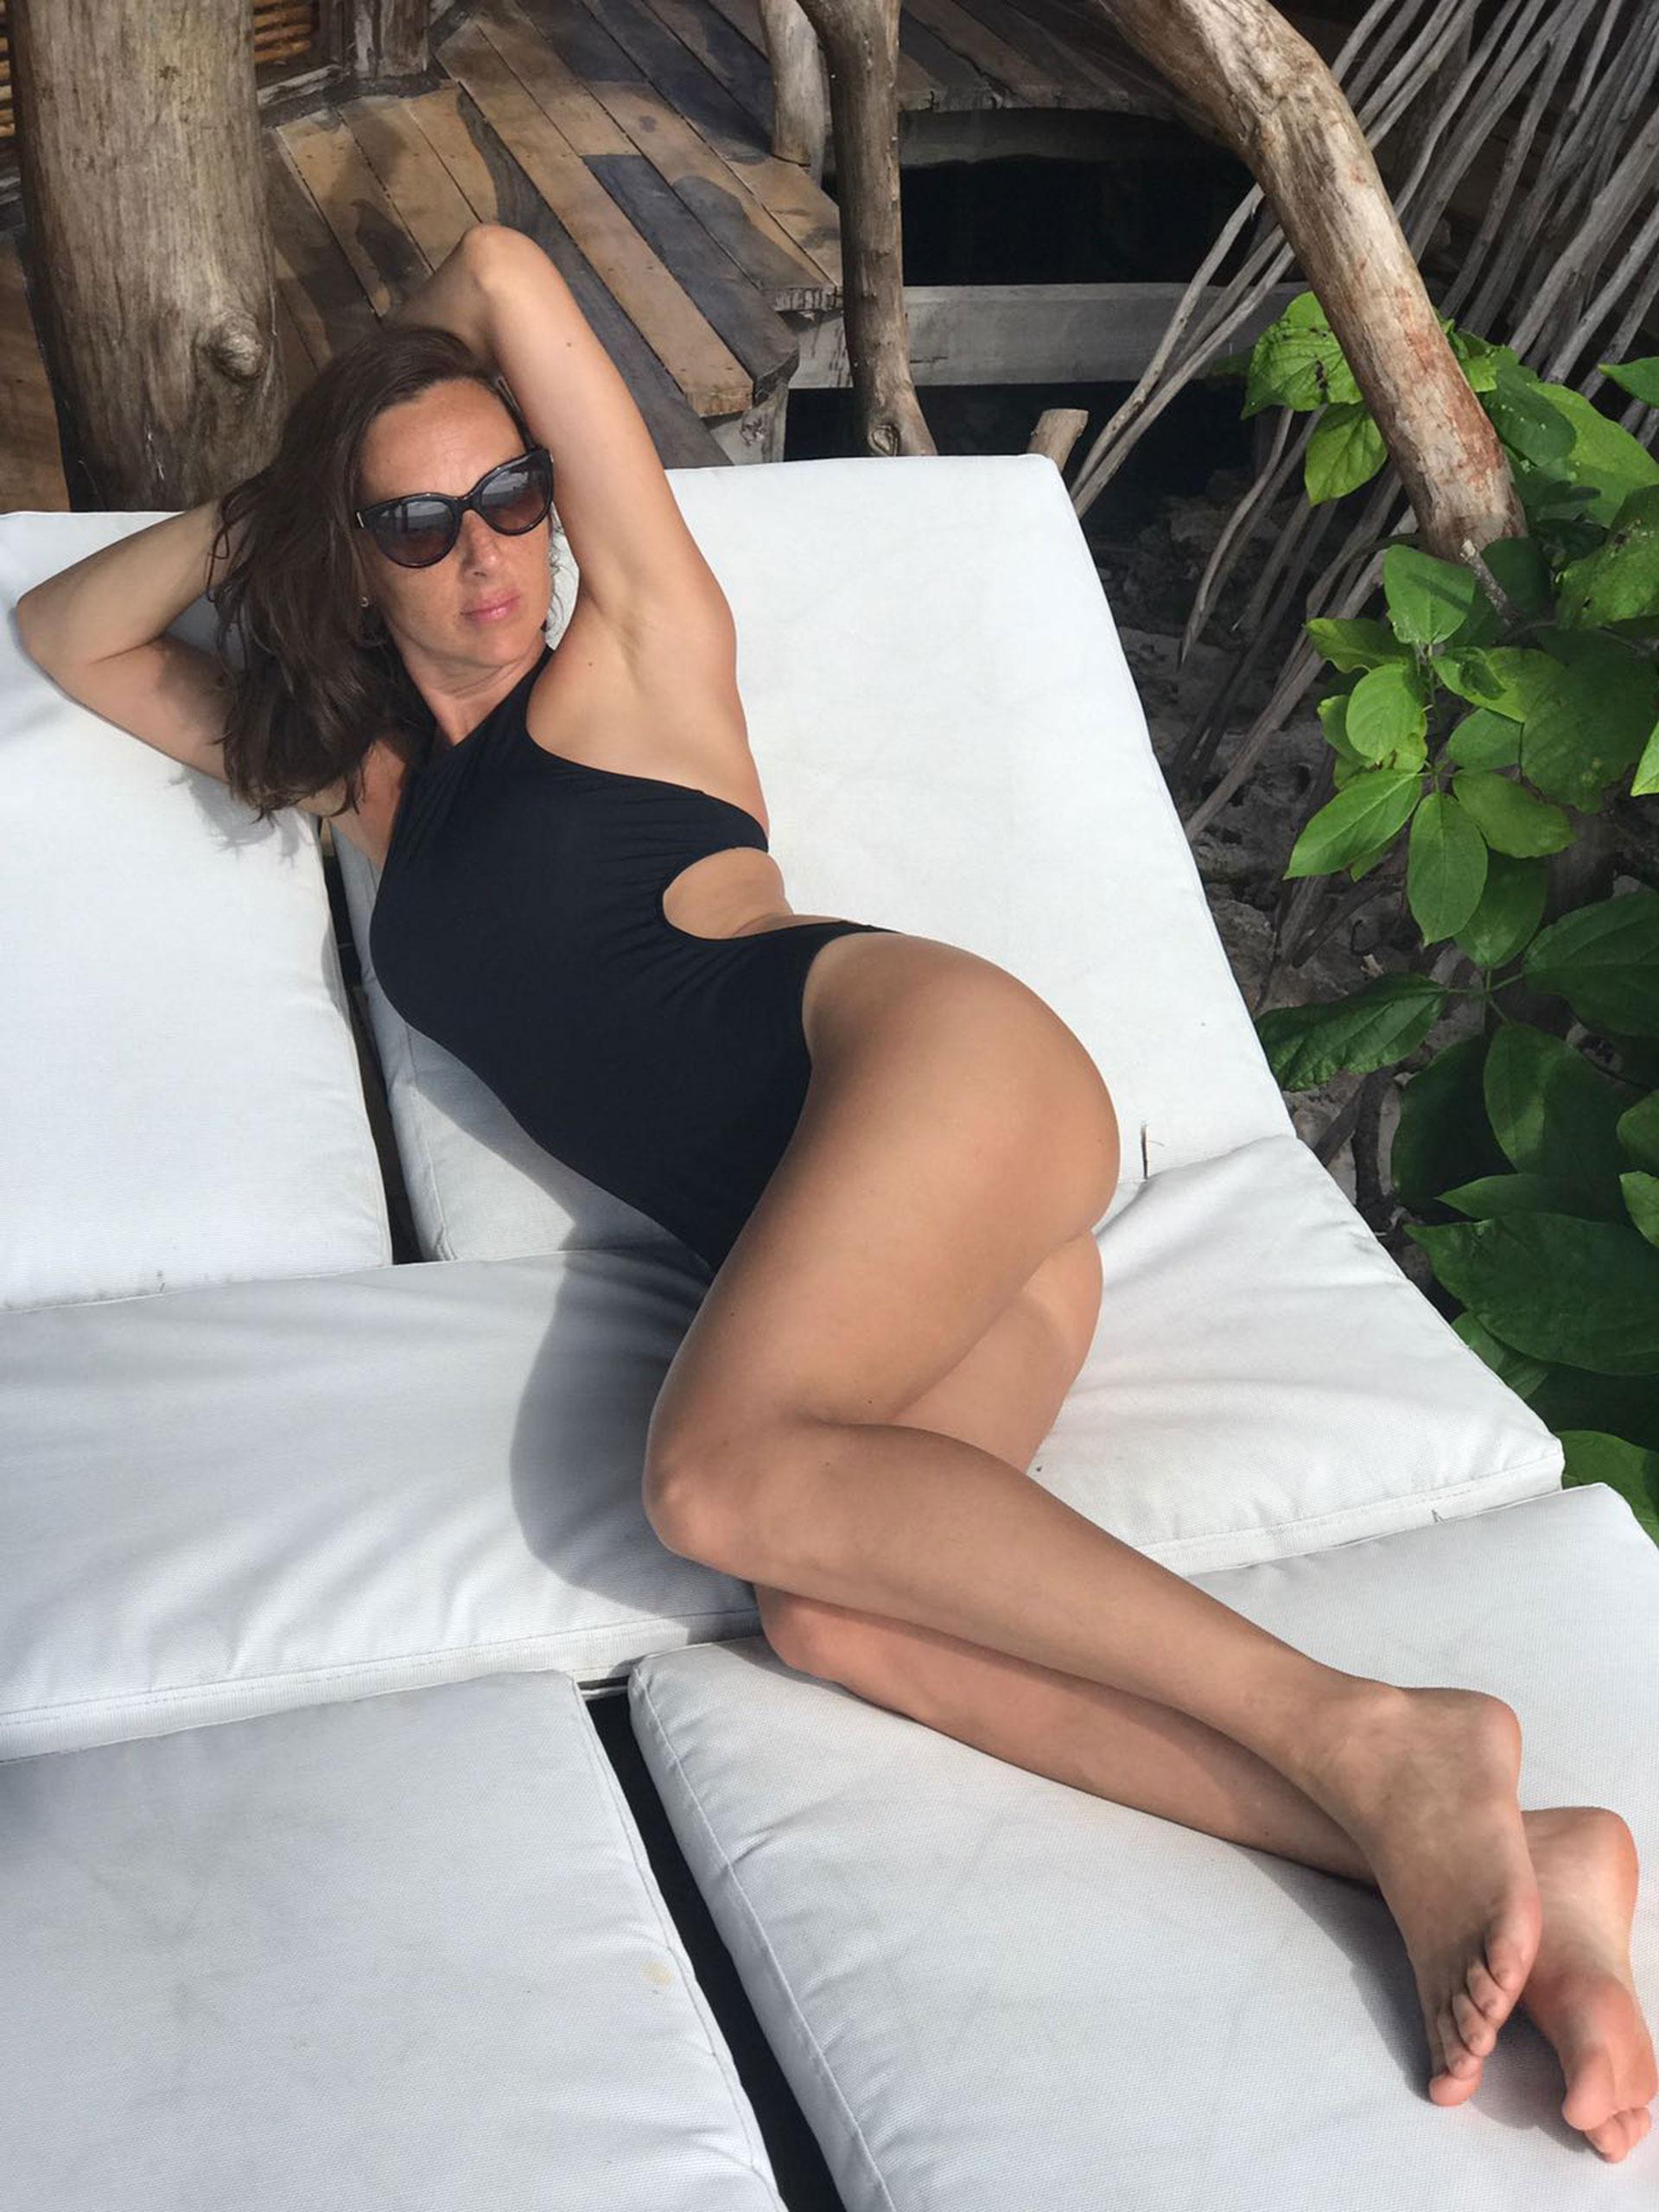 Catarina Spinetta lució muy sensual con un traje de baño durante sus vacaciones en México. La DJ viajó acompañada por su pareja, el actor Nahuel Mutti